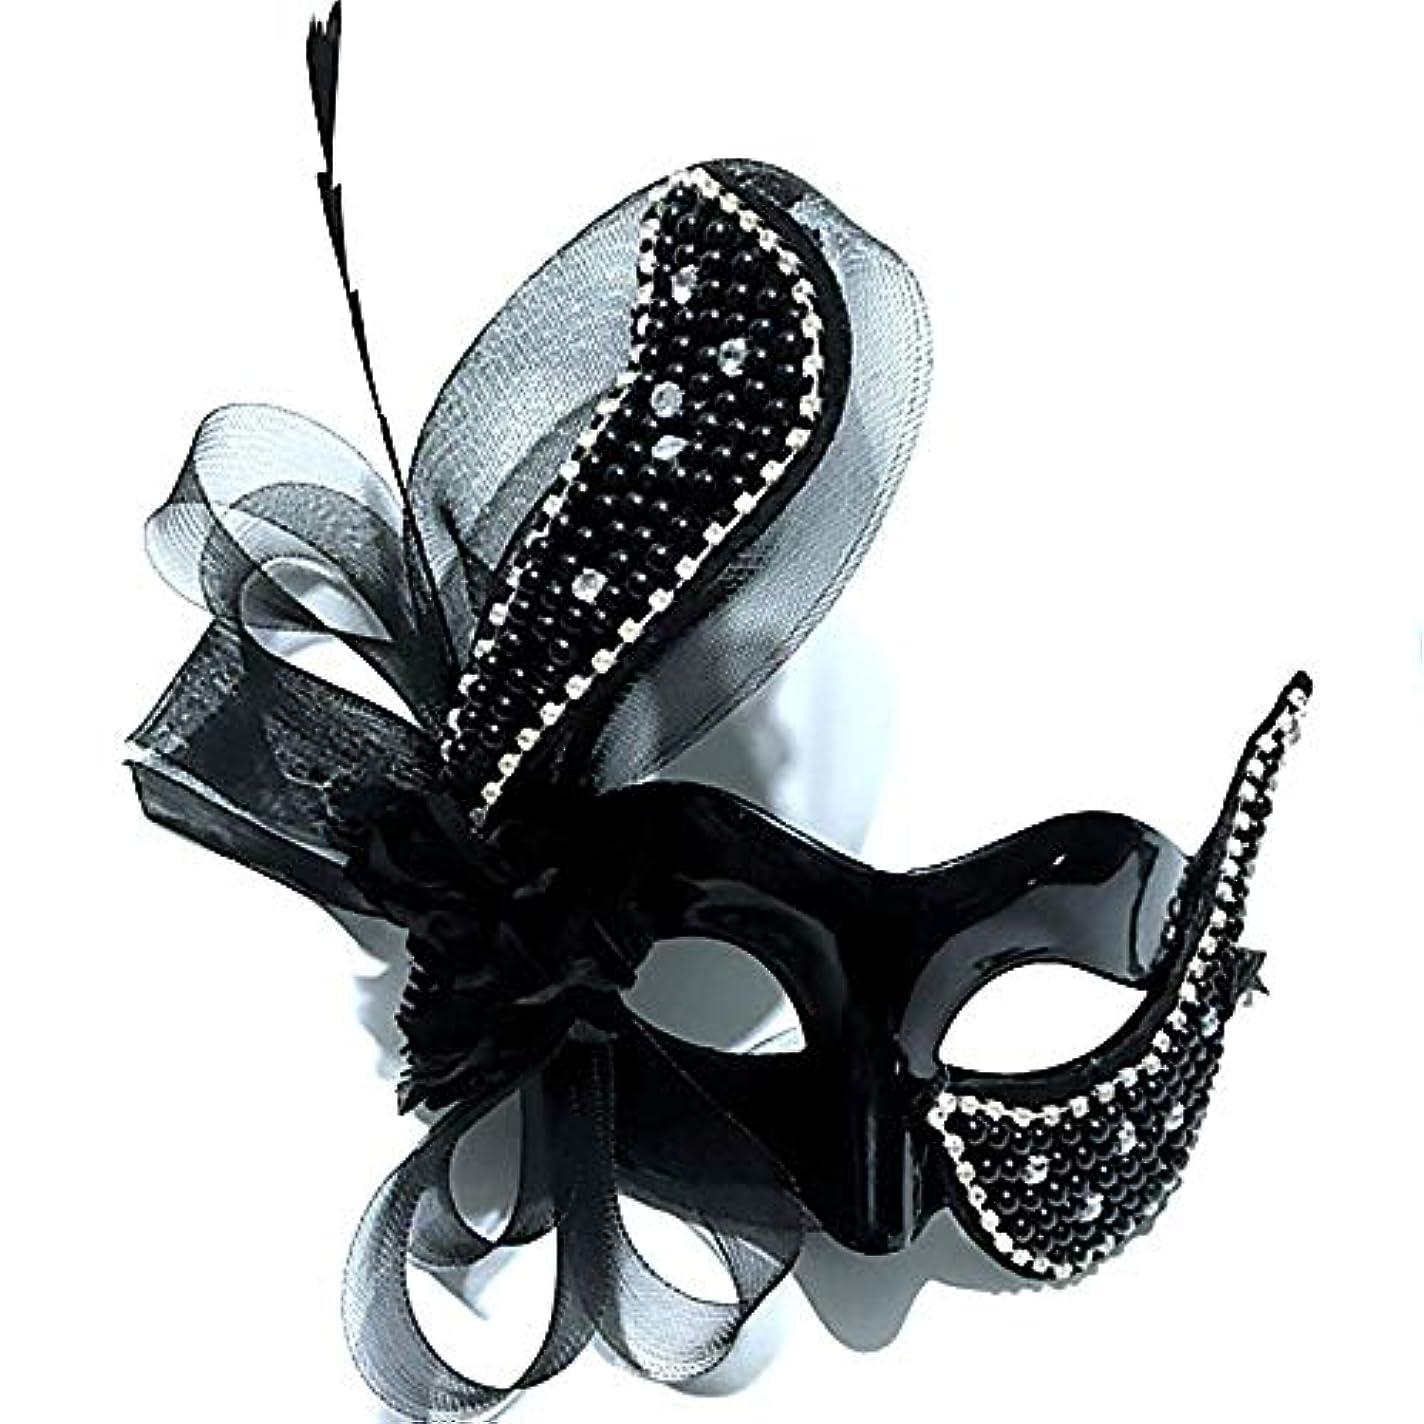 いま鷲手足Nanle ハロウィーンヴィンテージフェザーラインストーンマスク仮装マスクレディミスプリンセス美容祭パーティー装飾マスク